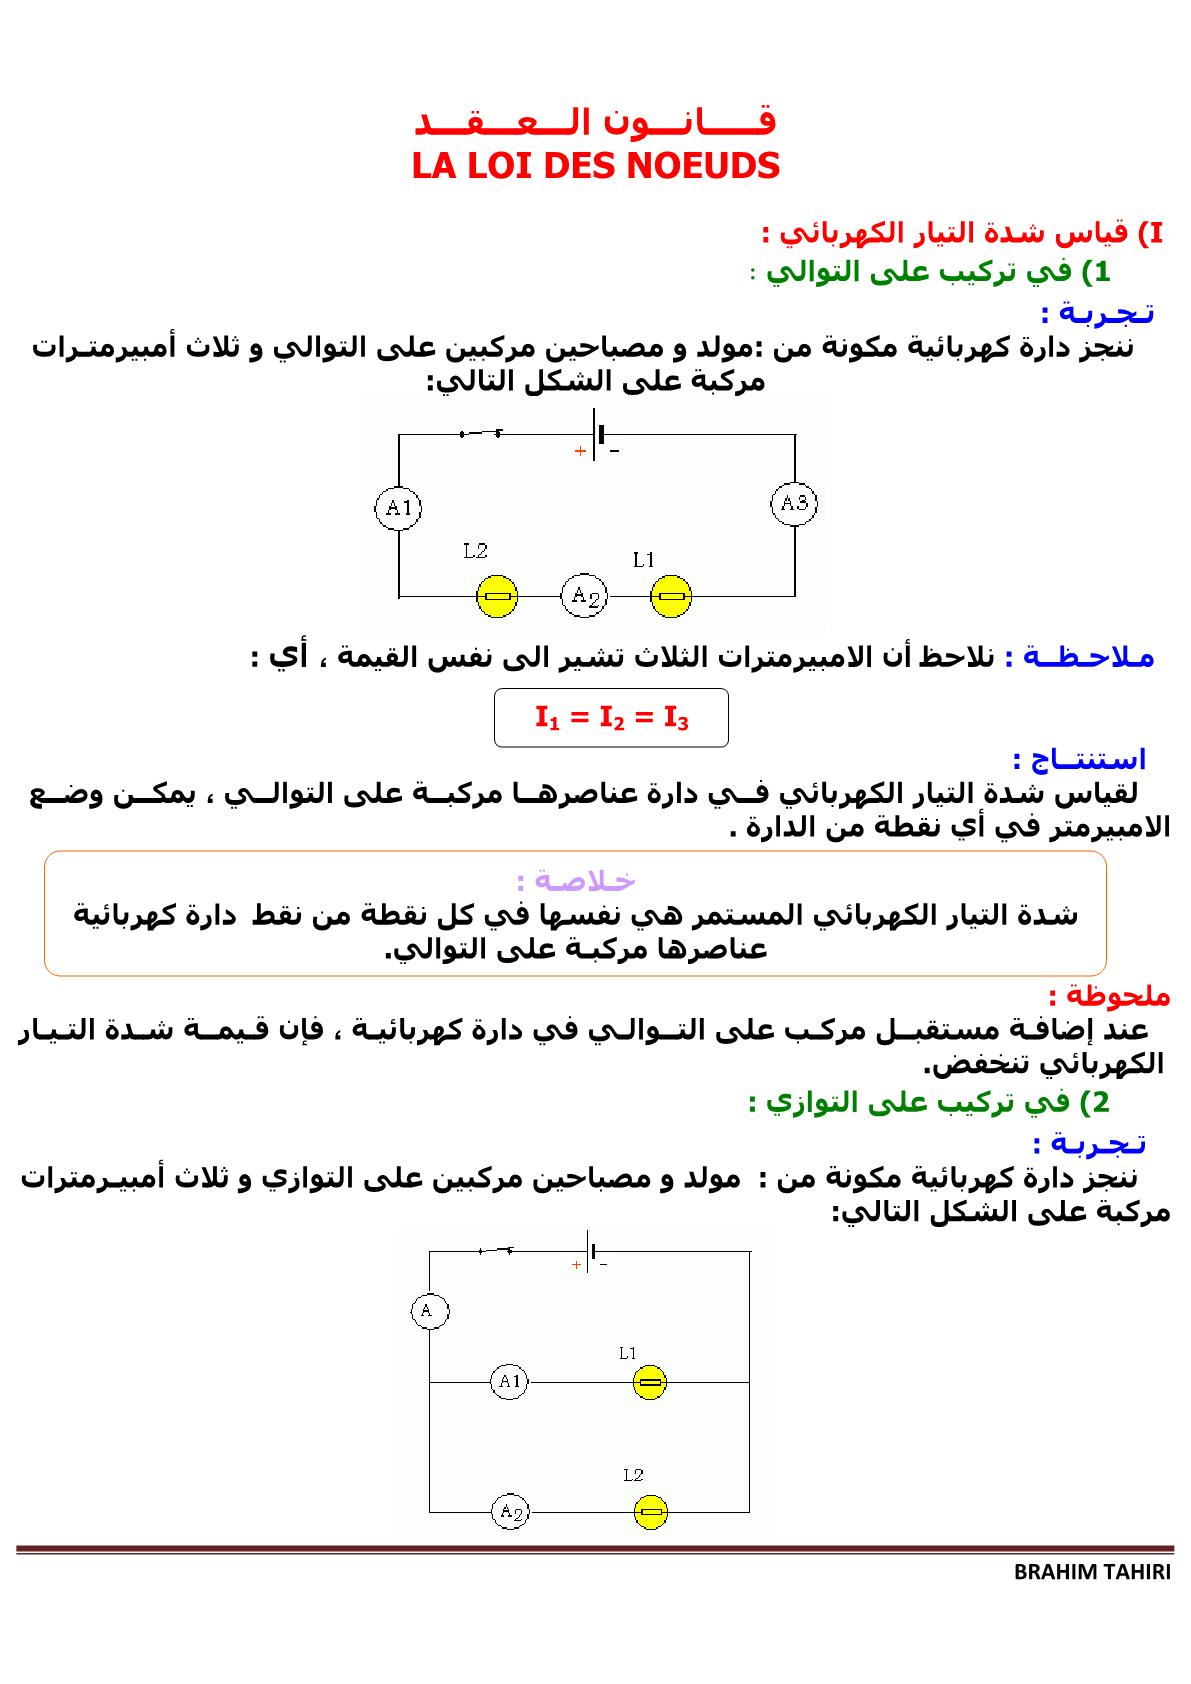 درس قانون العقد بمادة الفيزياء والكيمياء للمستوى الأولى إعدادي